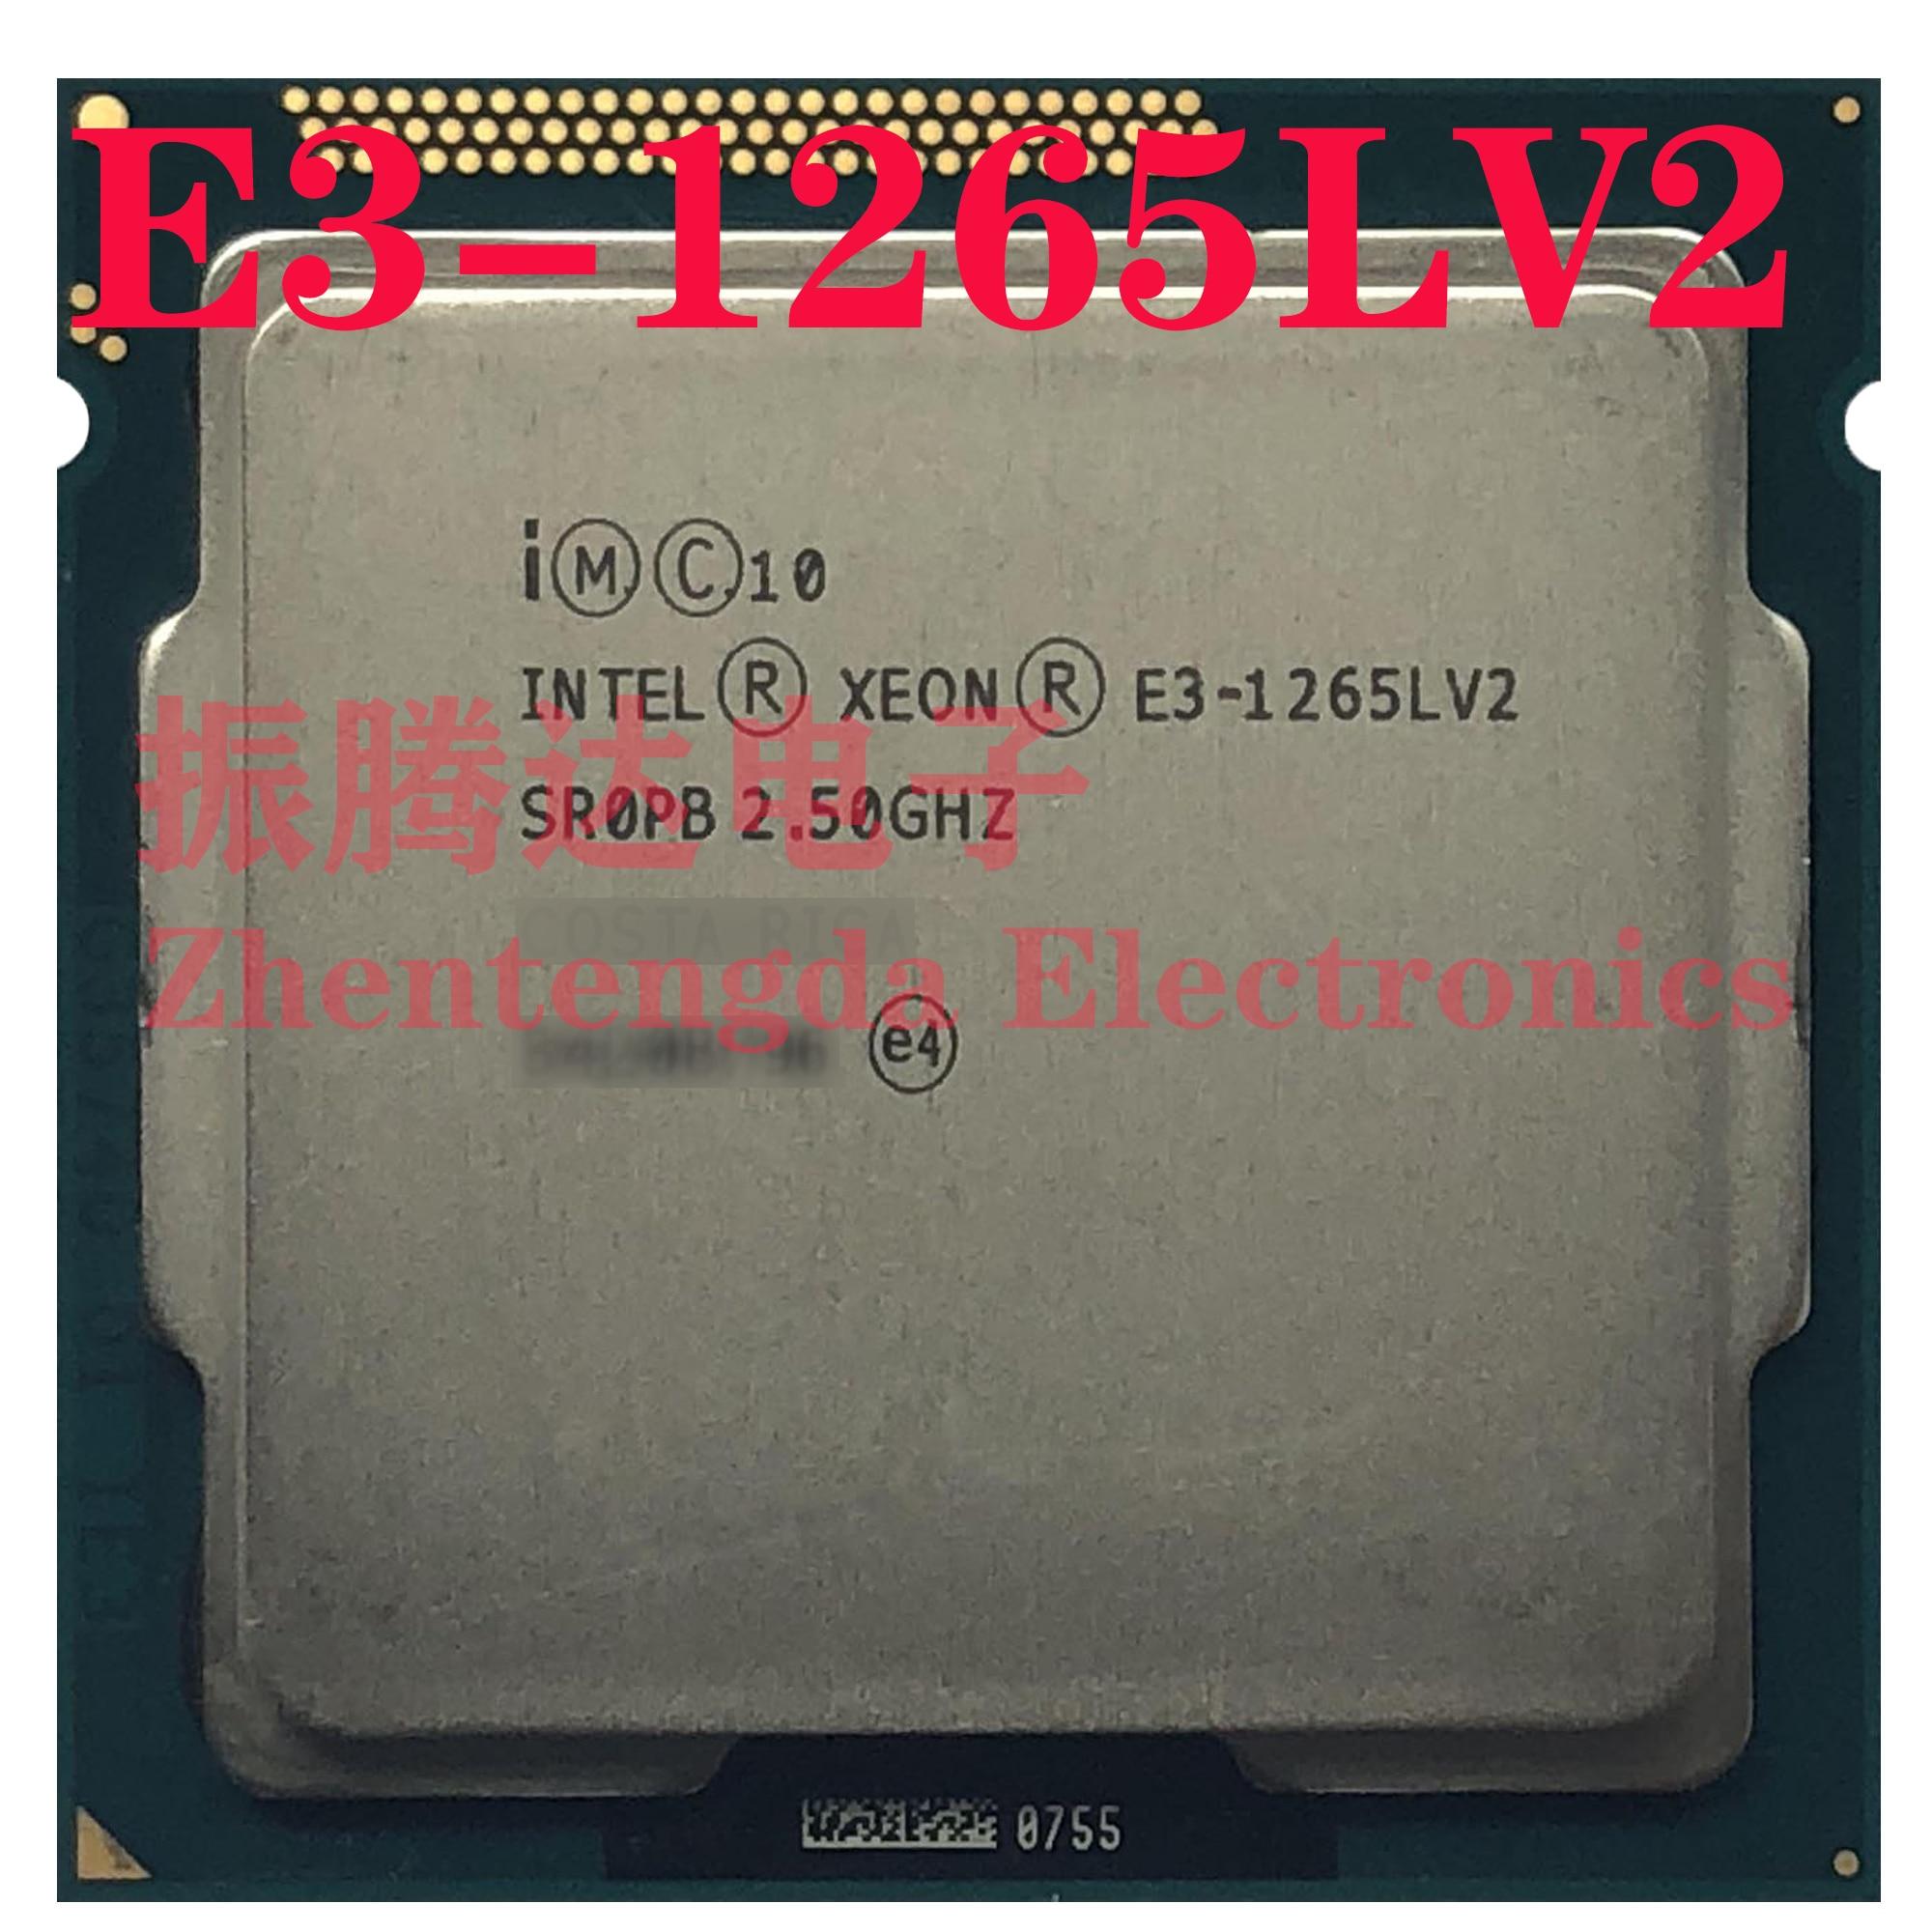 Intel Xeon E3-1265L v2 2.5GHz 8MB 4 Core 8 Thread LGA 1155 E3-1265LV2 CPU Processor